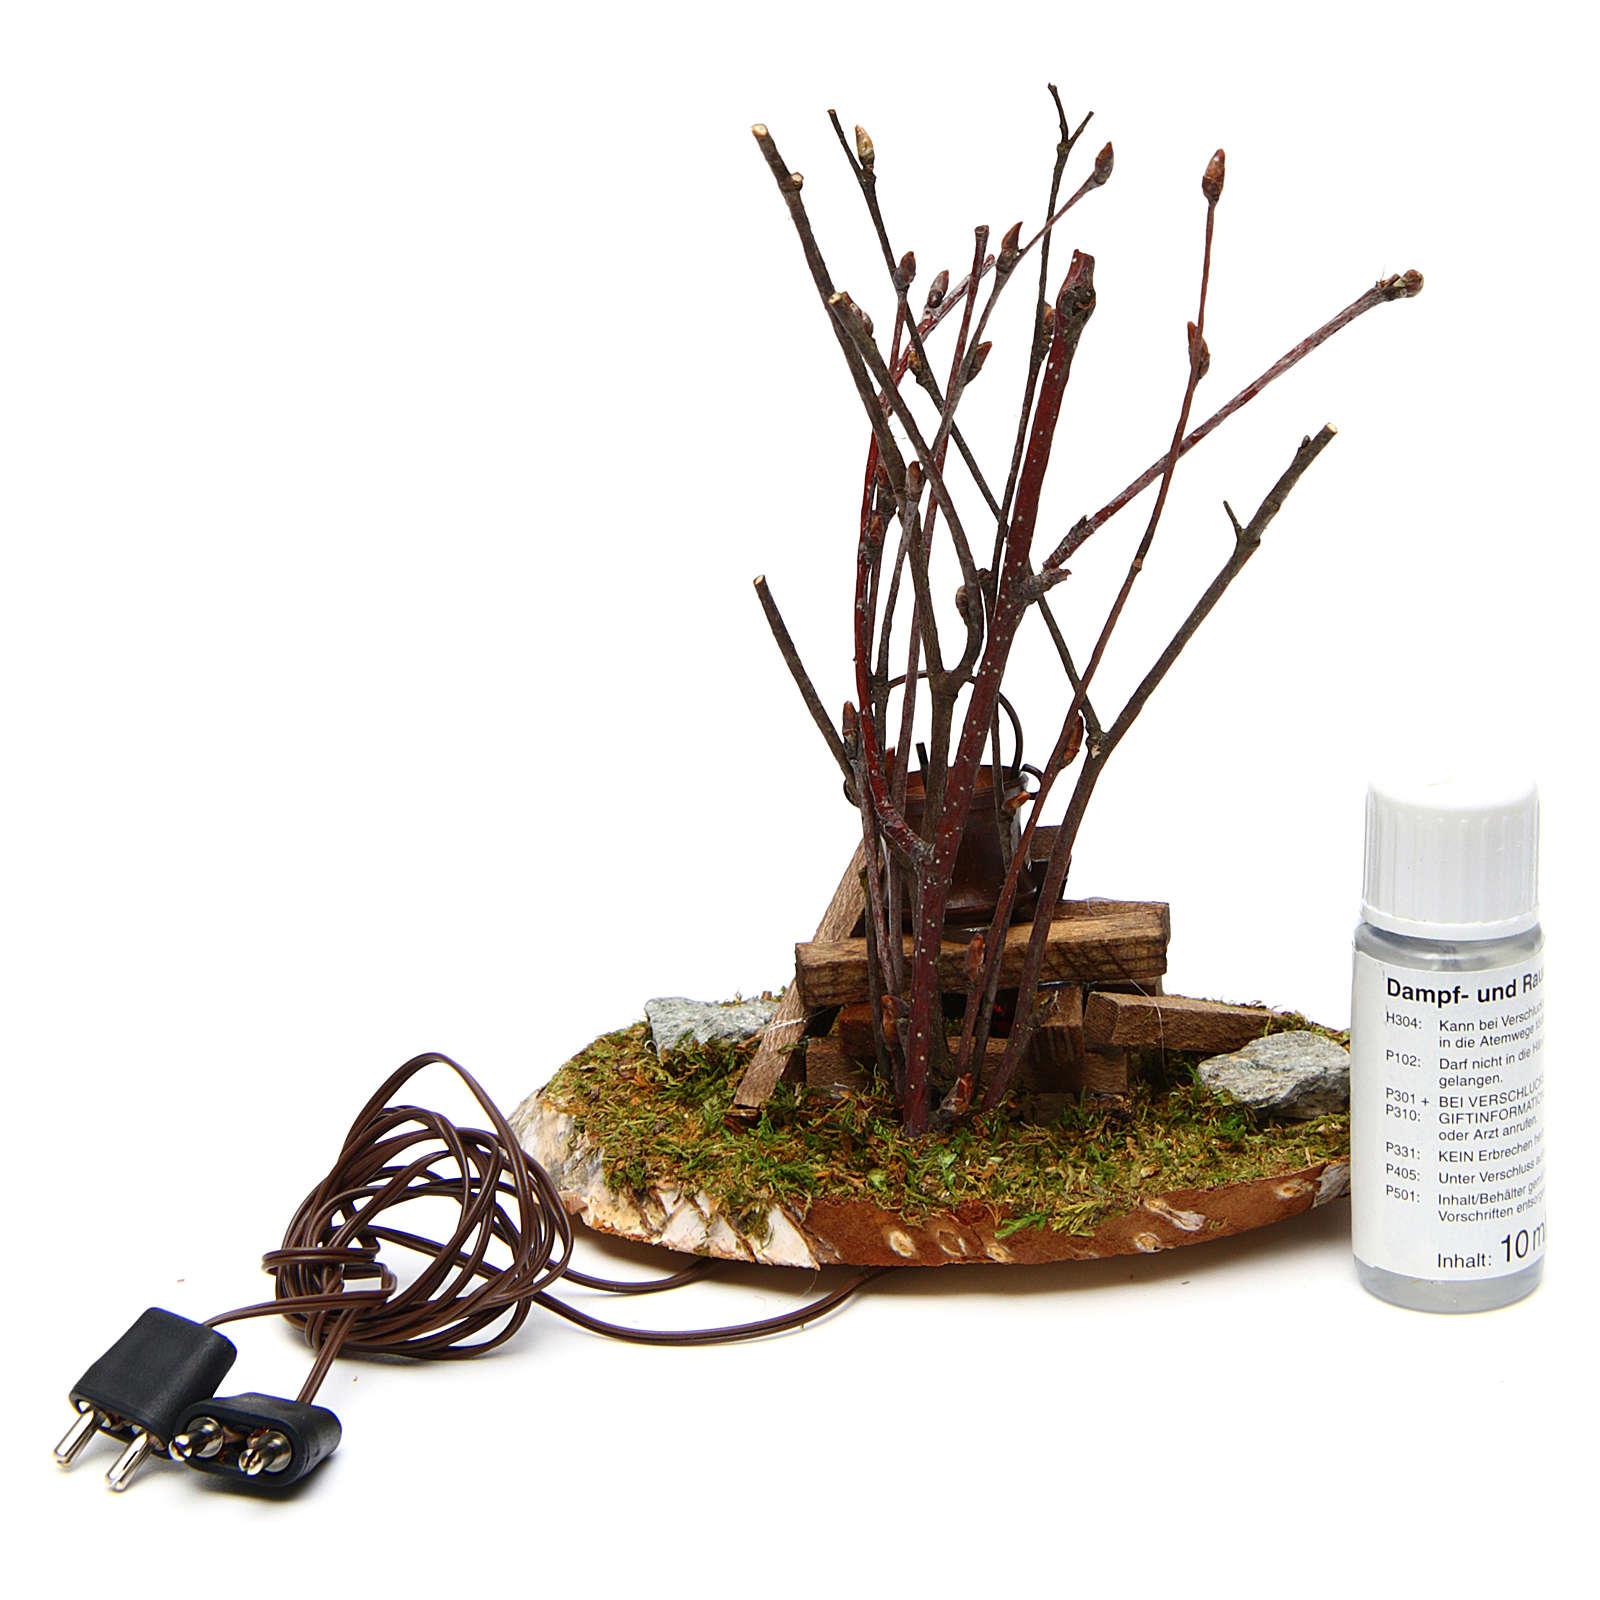 Pot on bonfire 10x10x5 cm - 4,5 V 4